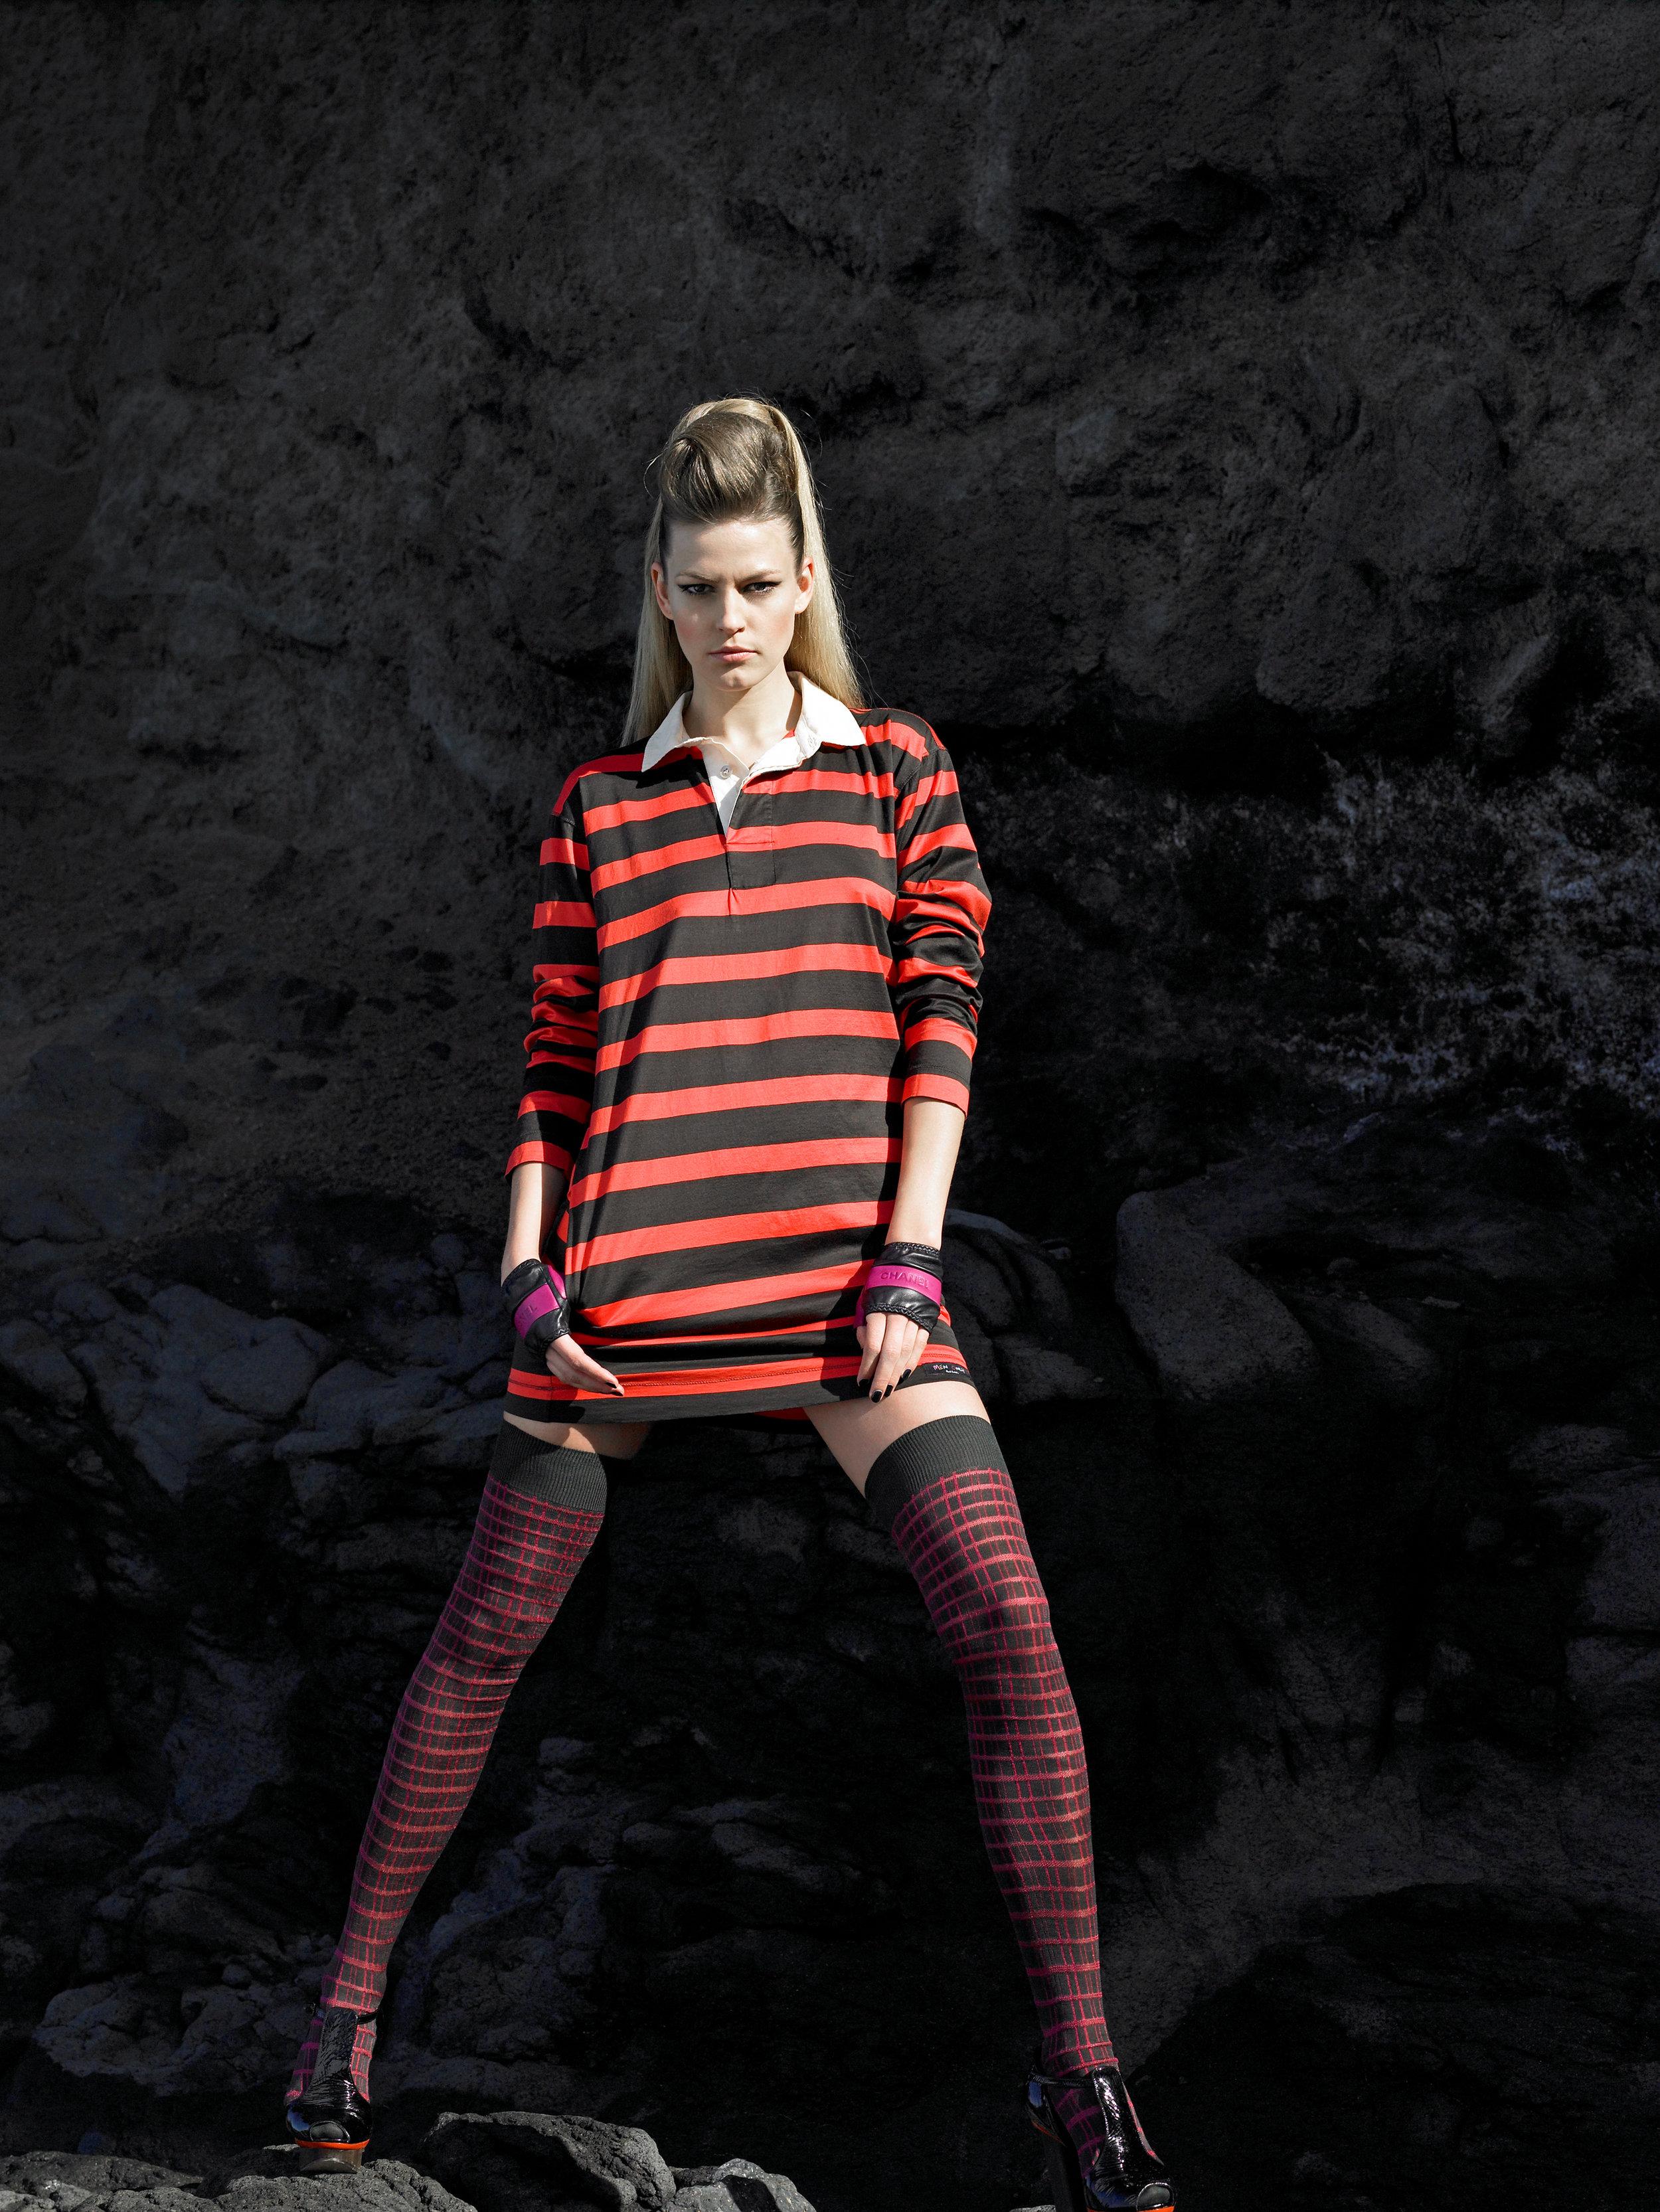 Fashion Day 2-004005-24005.jpg